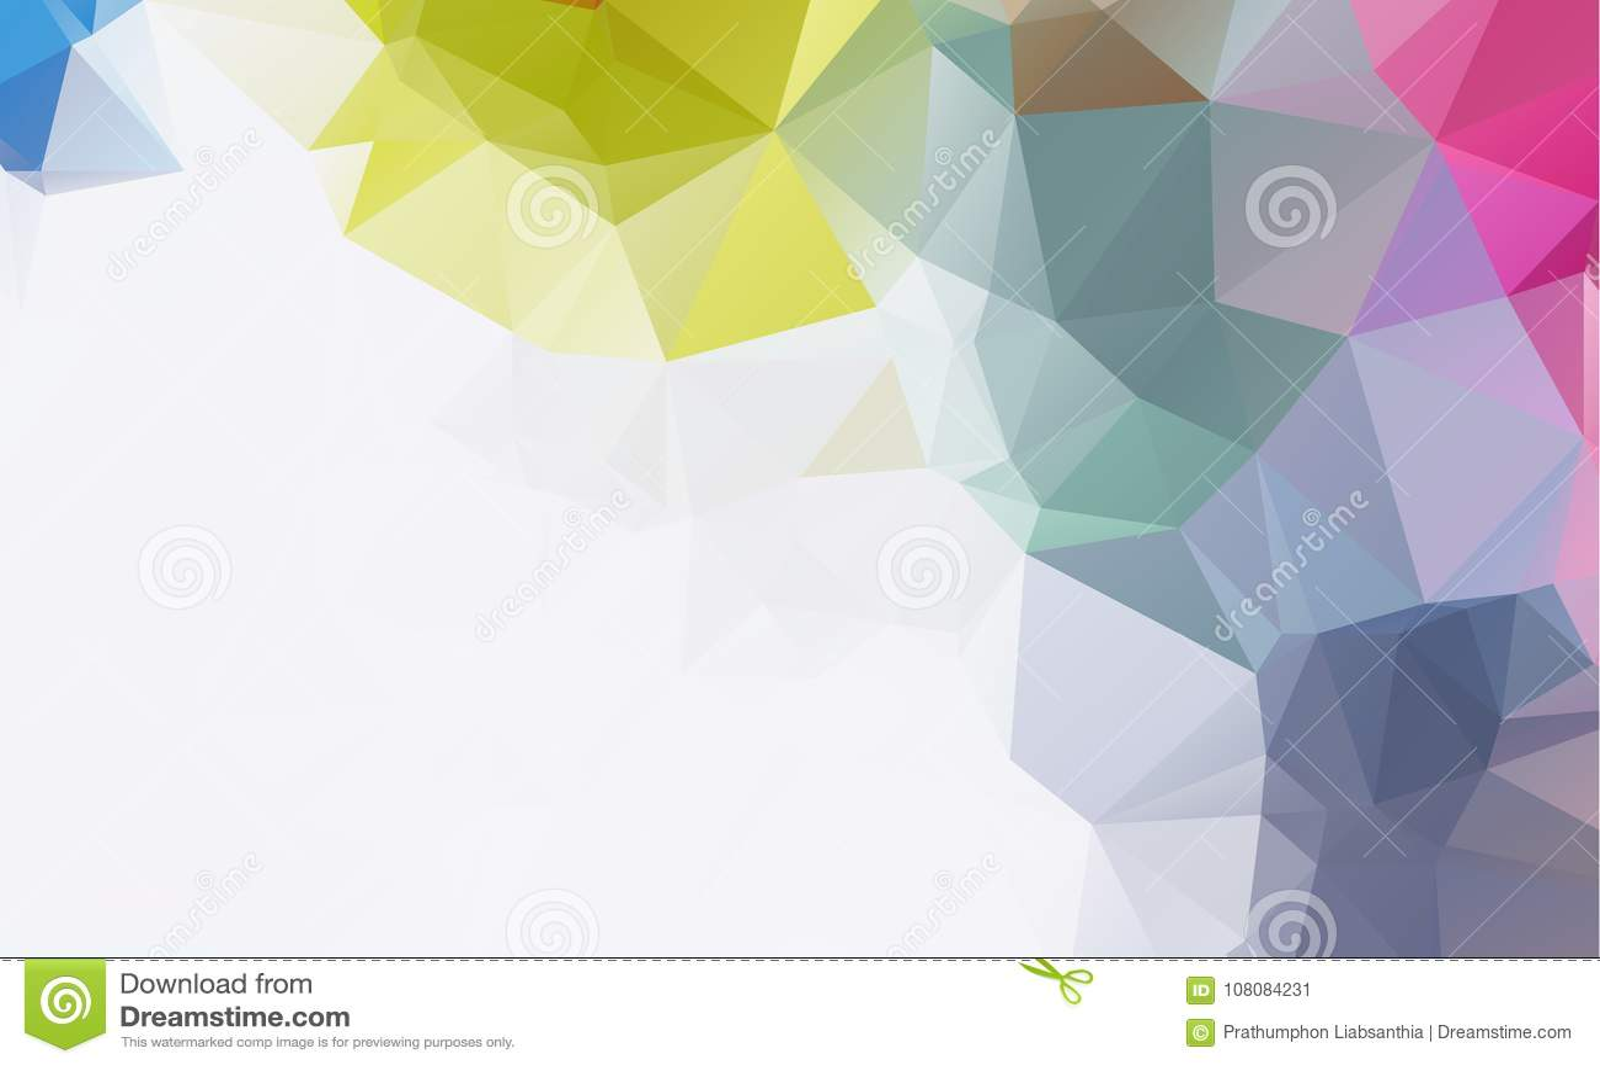 Fondos Geométricos Abstractos A Todo Color Ilustración